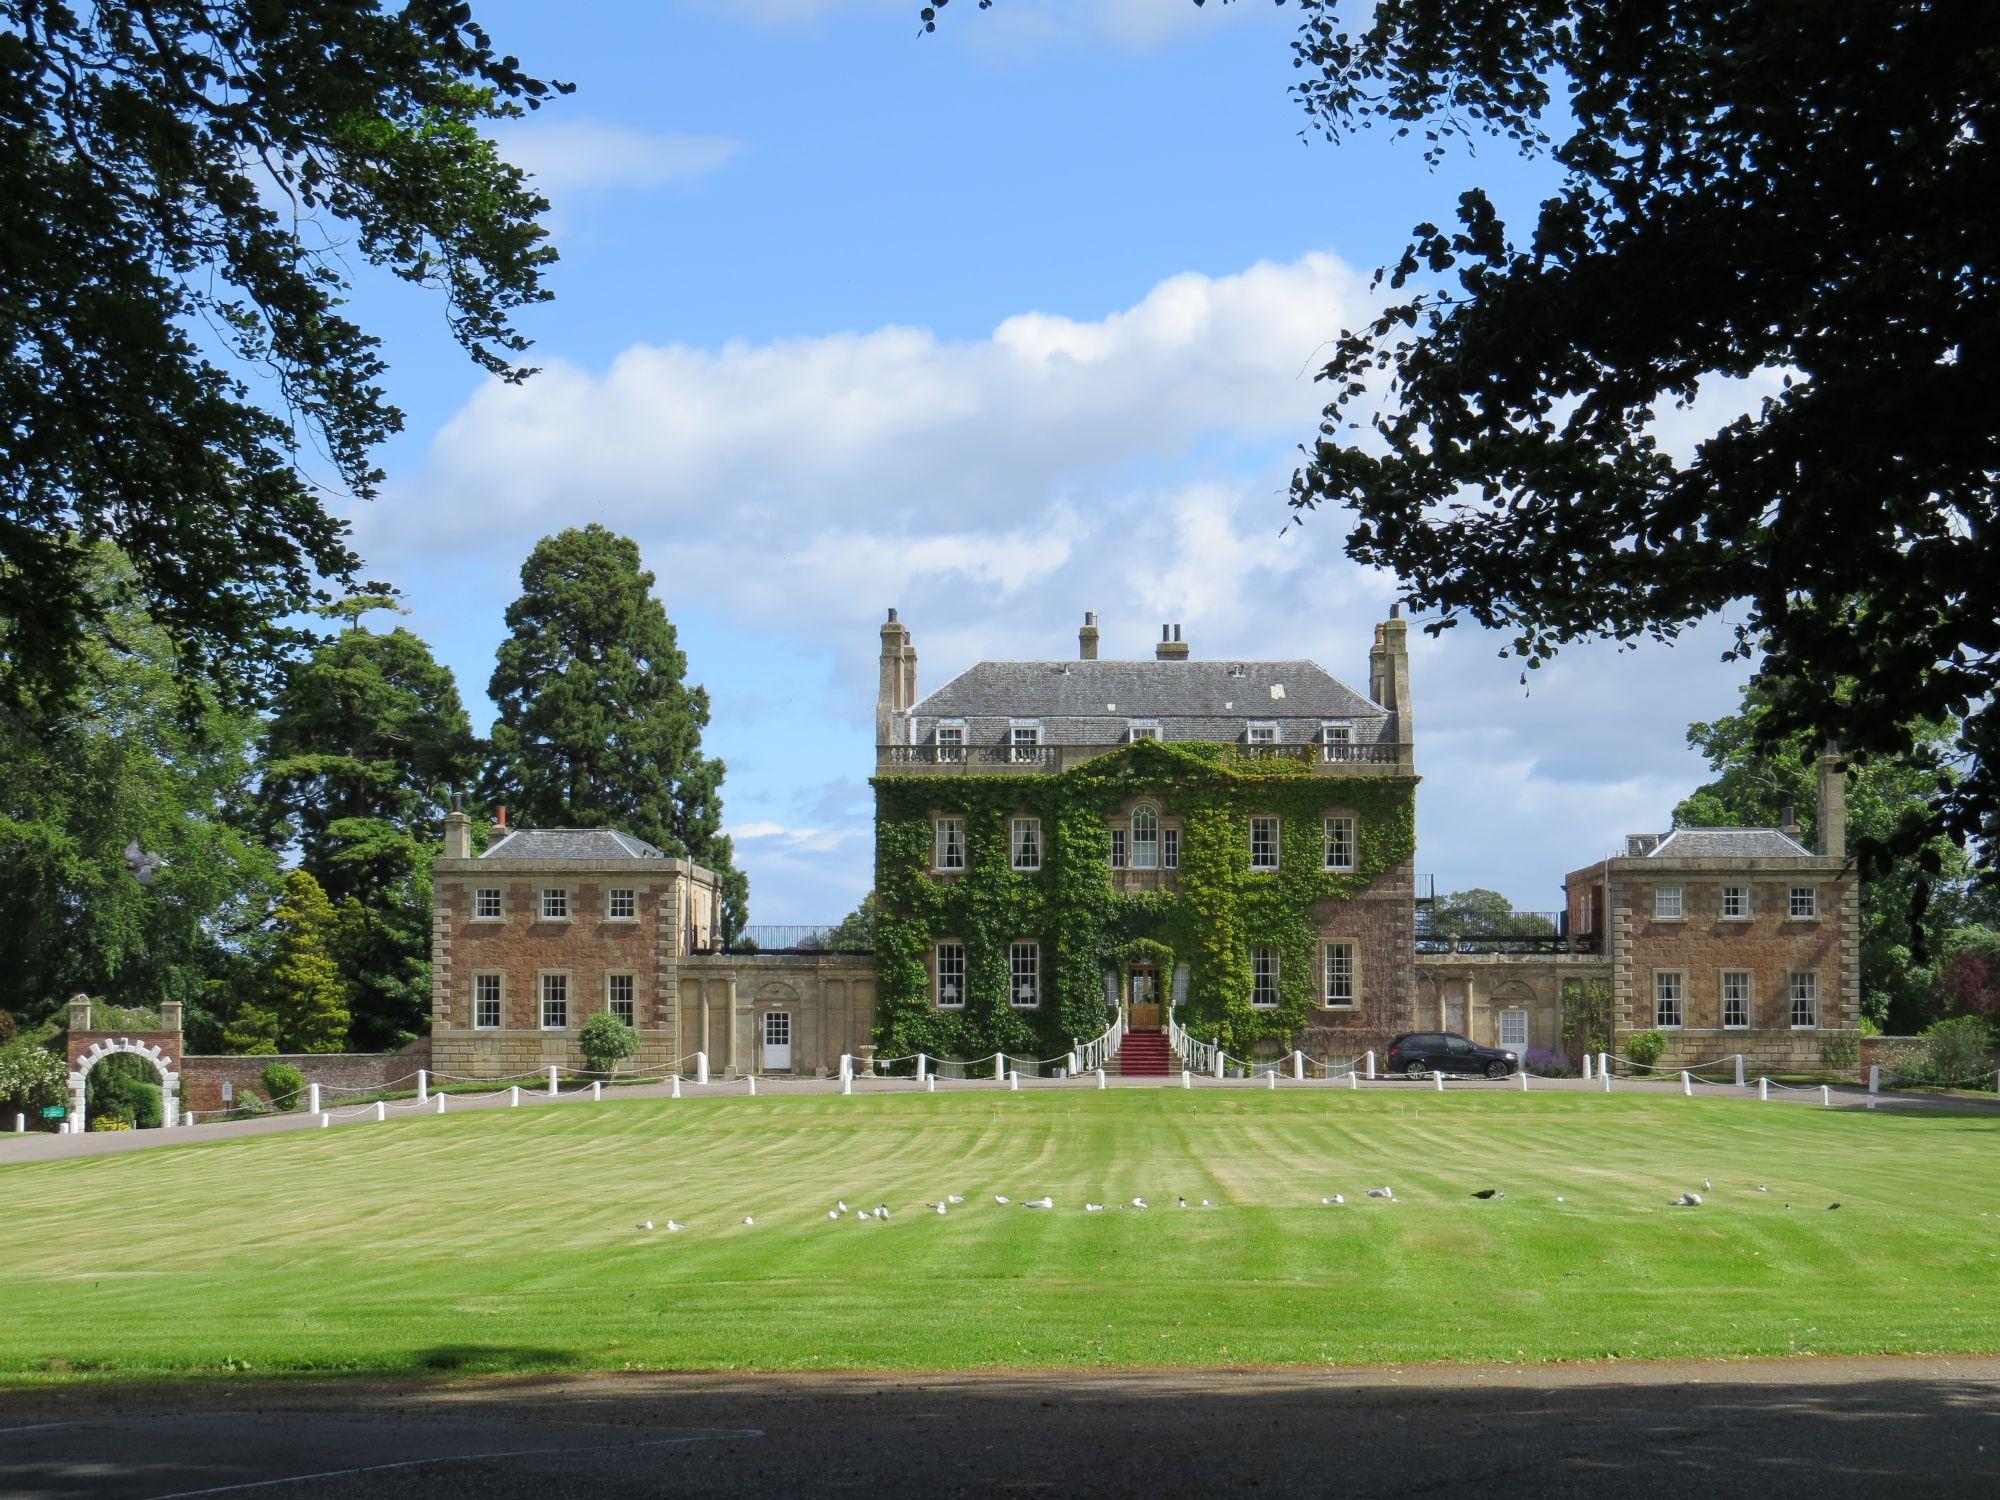 Culloden House